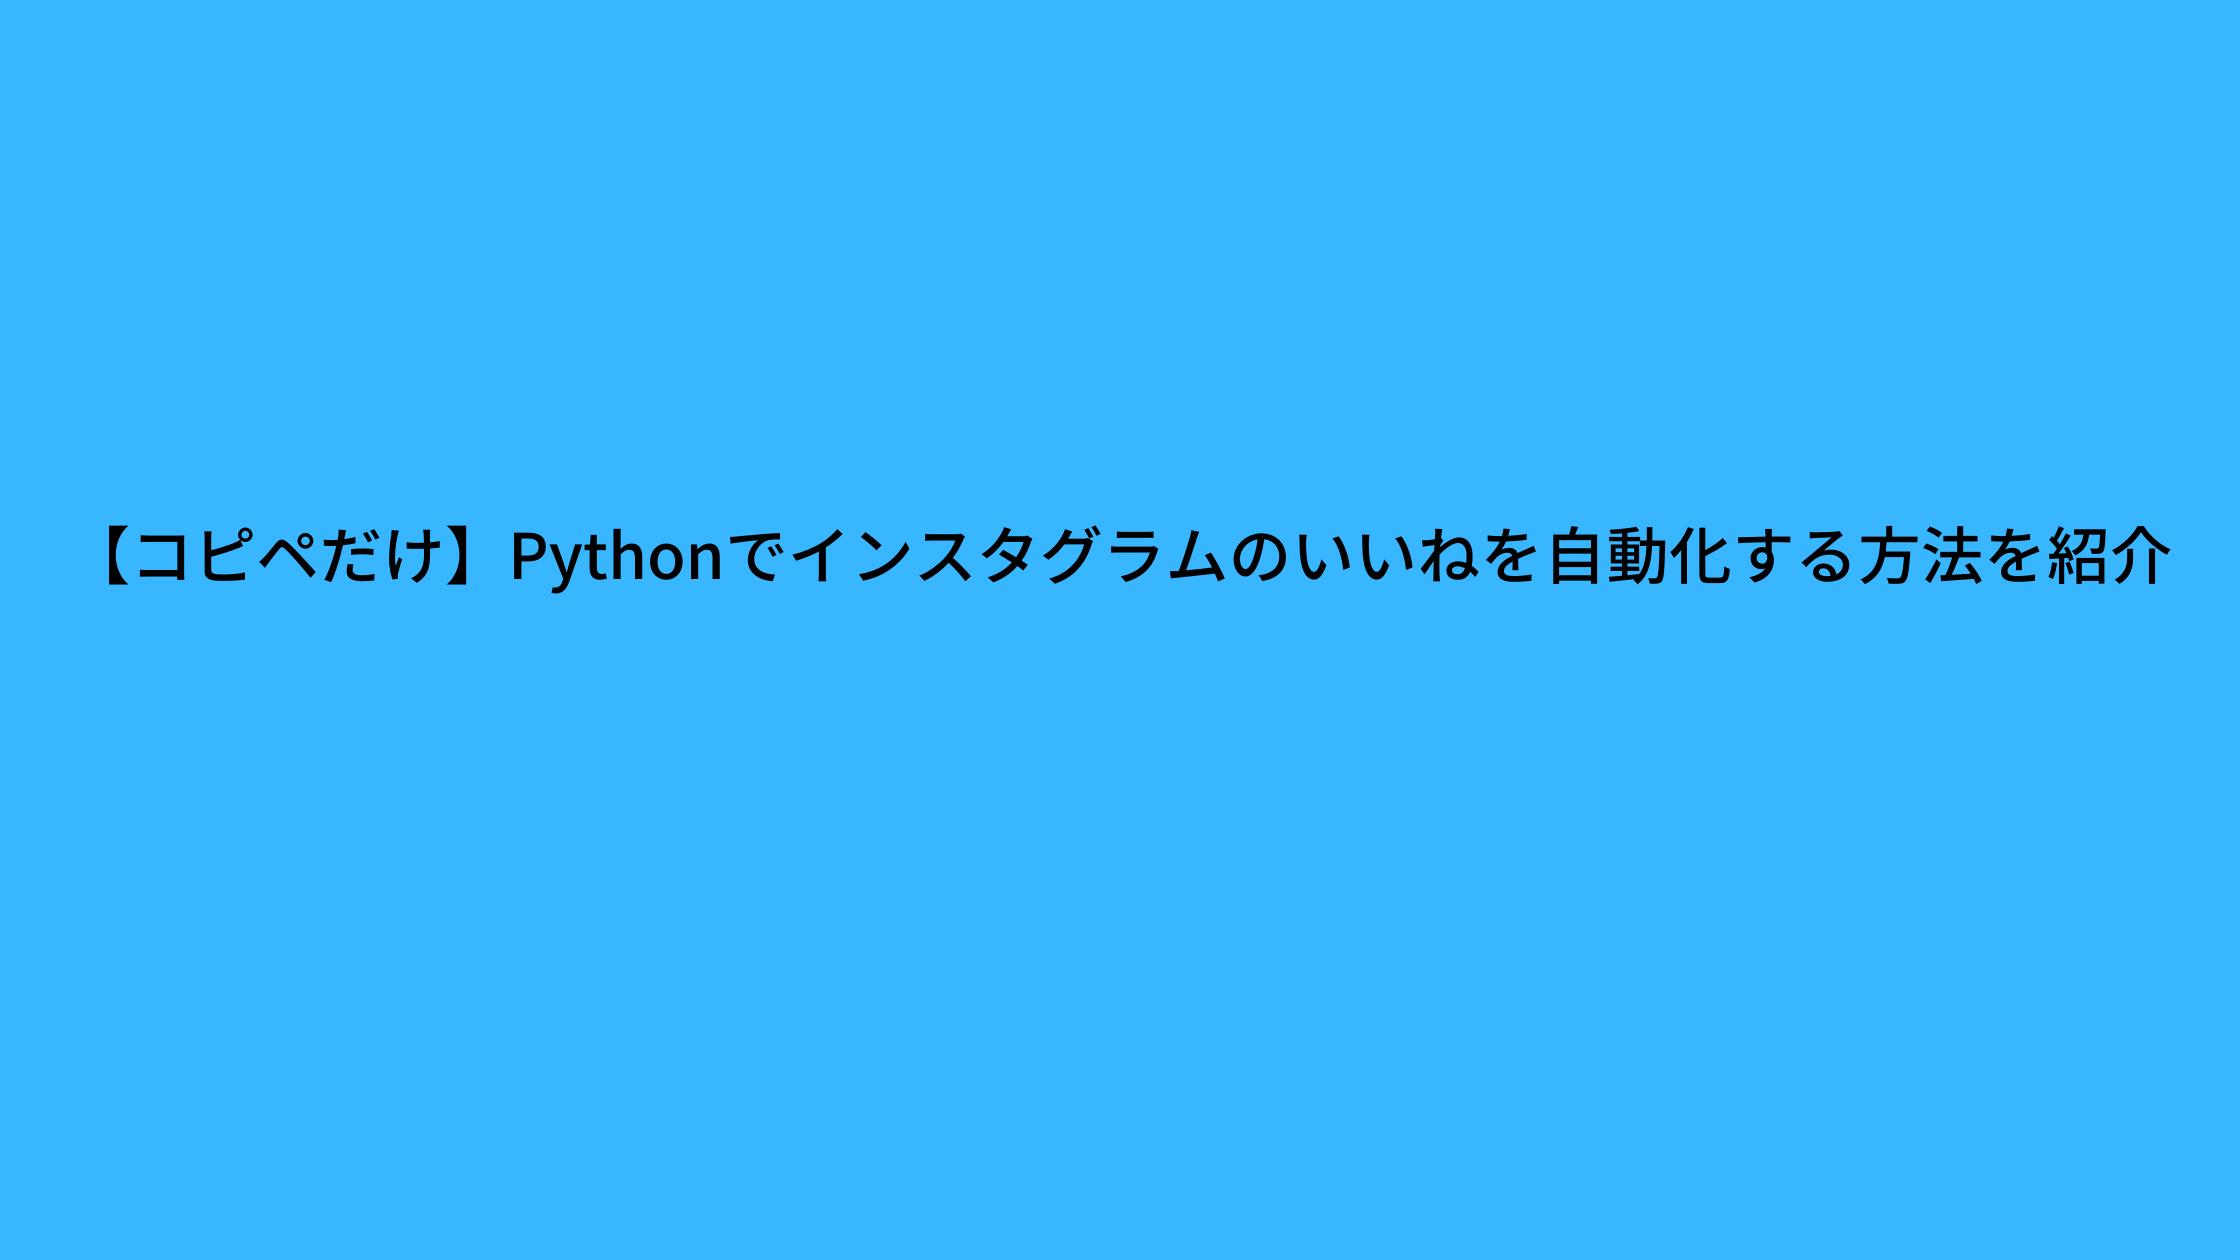 【コピペだけ】Pythonでインスタグラムのいいねを自動化する方法を紹介